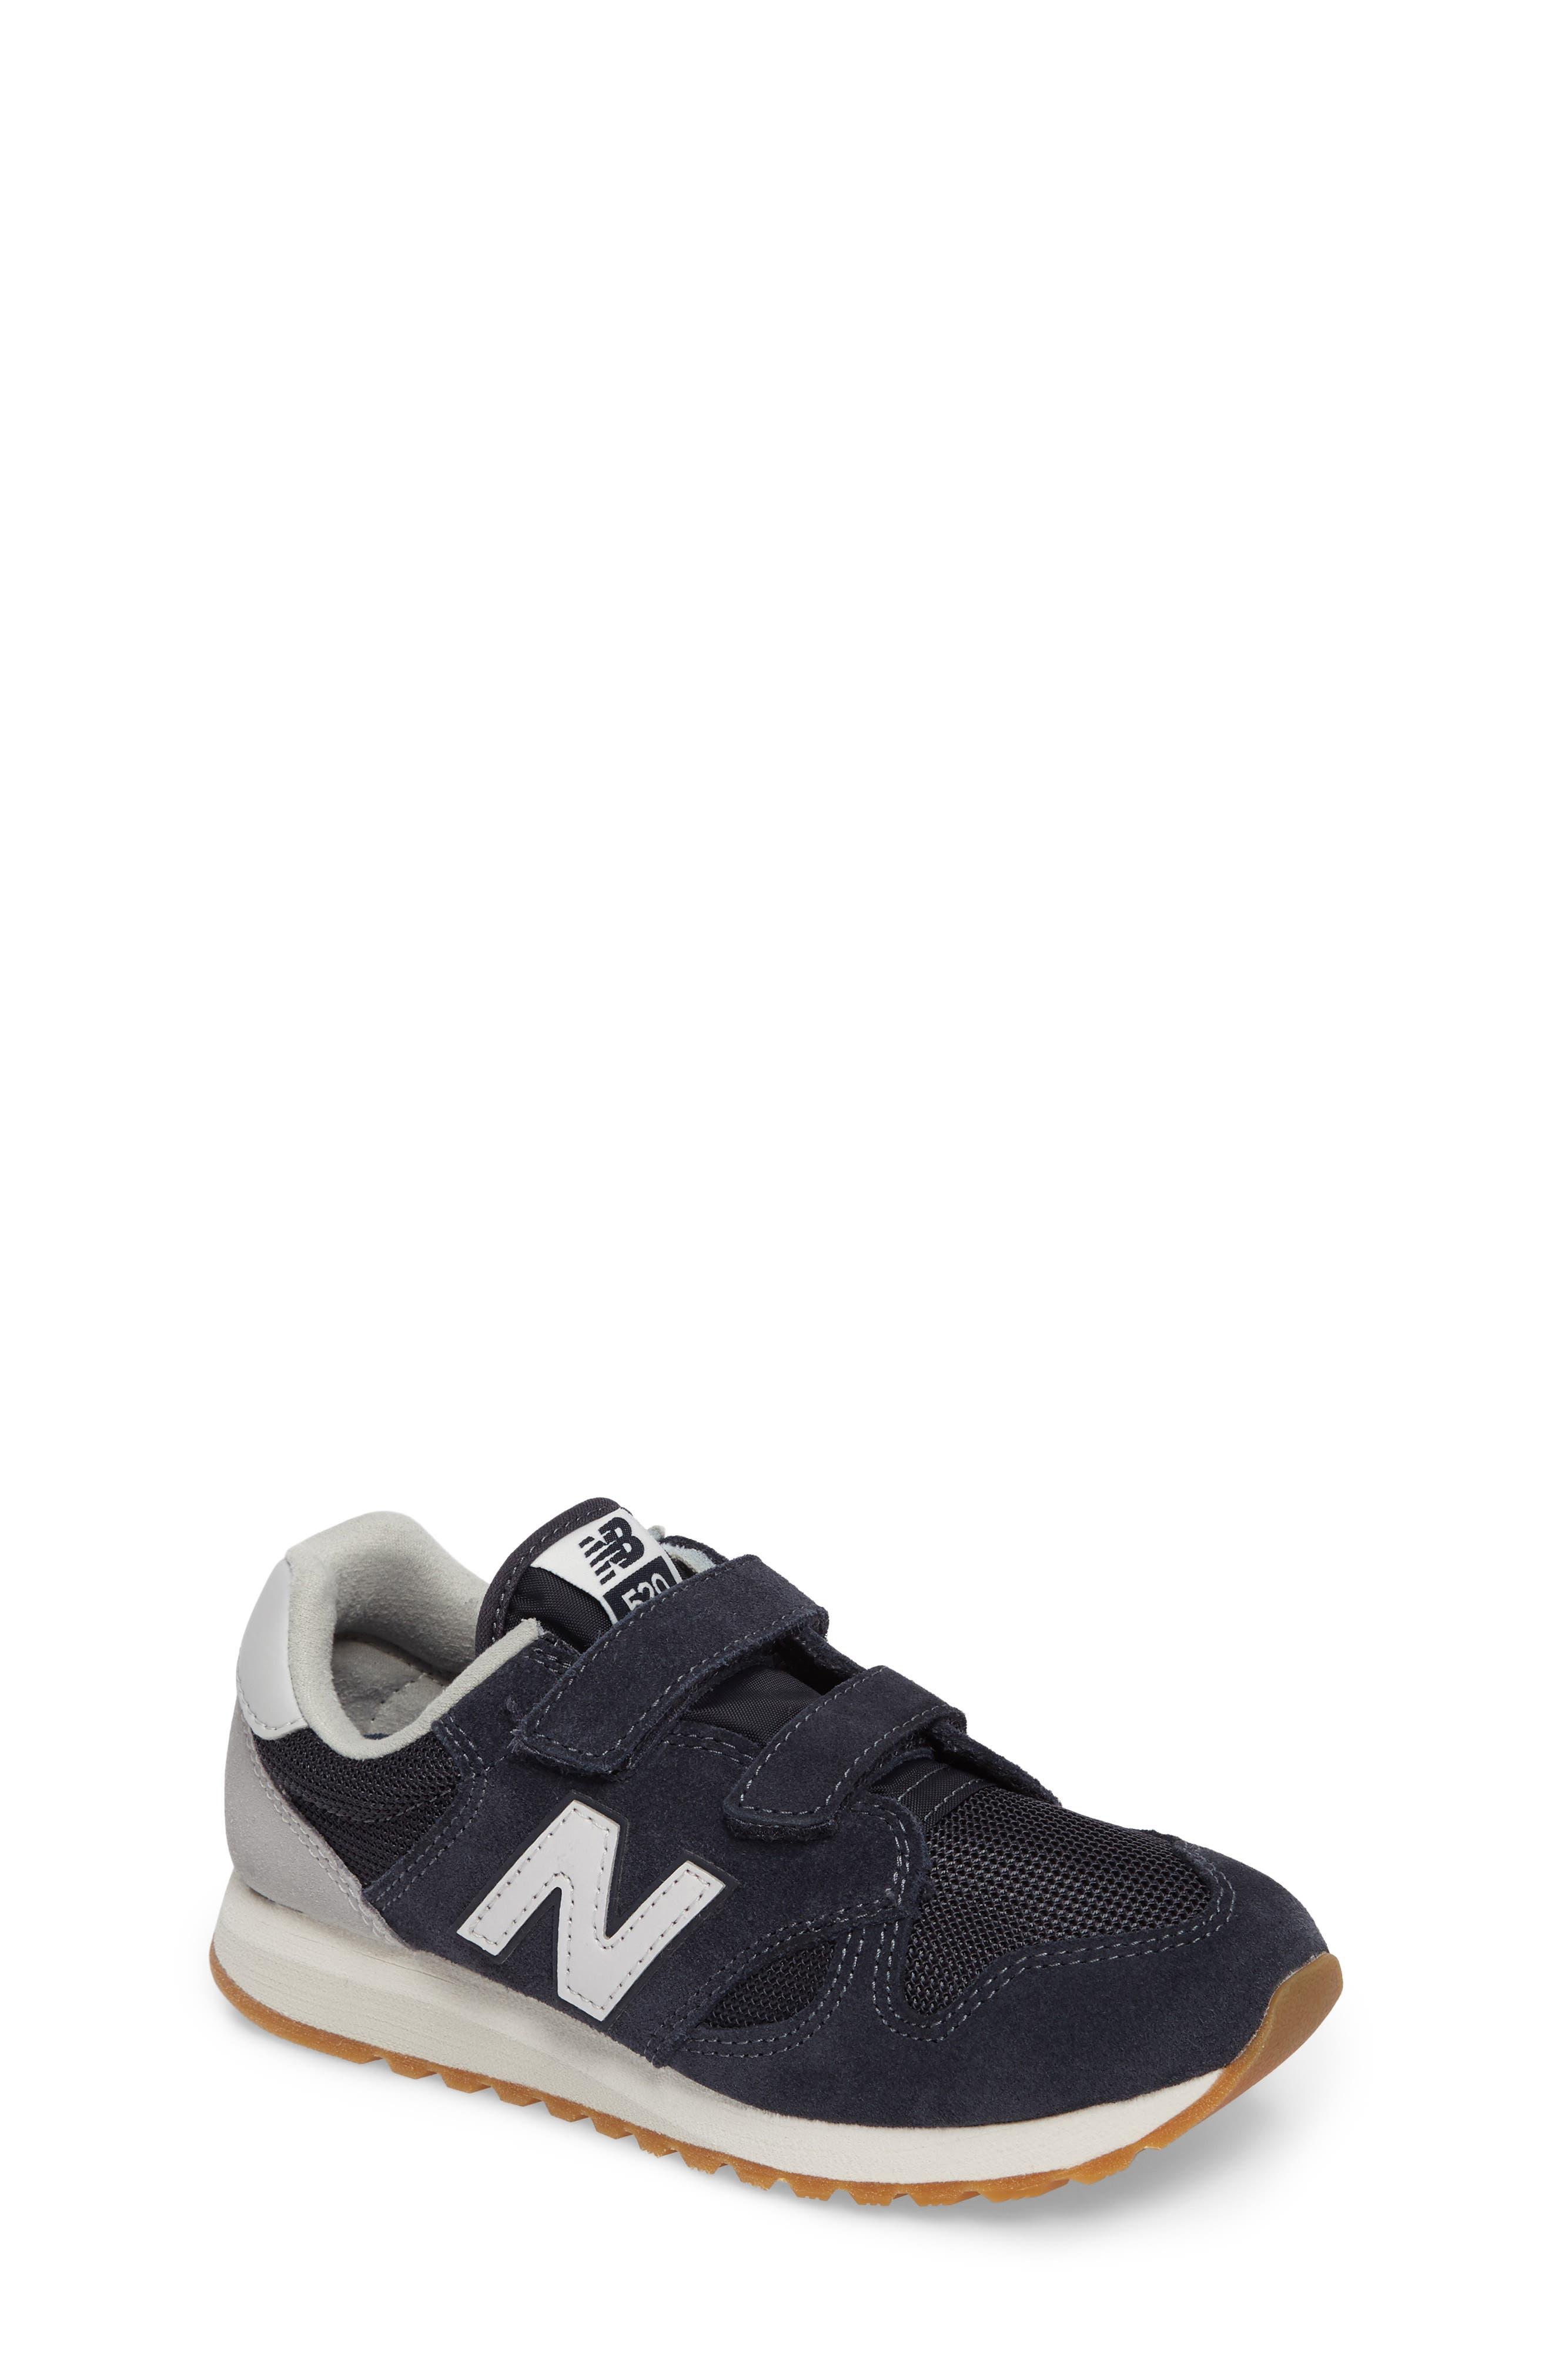 Alternate Image 1 Selected - New Balance 520 Sneaker (Baby, Walker, Toddler & Little Kid)